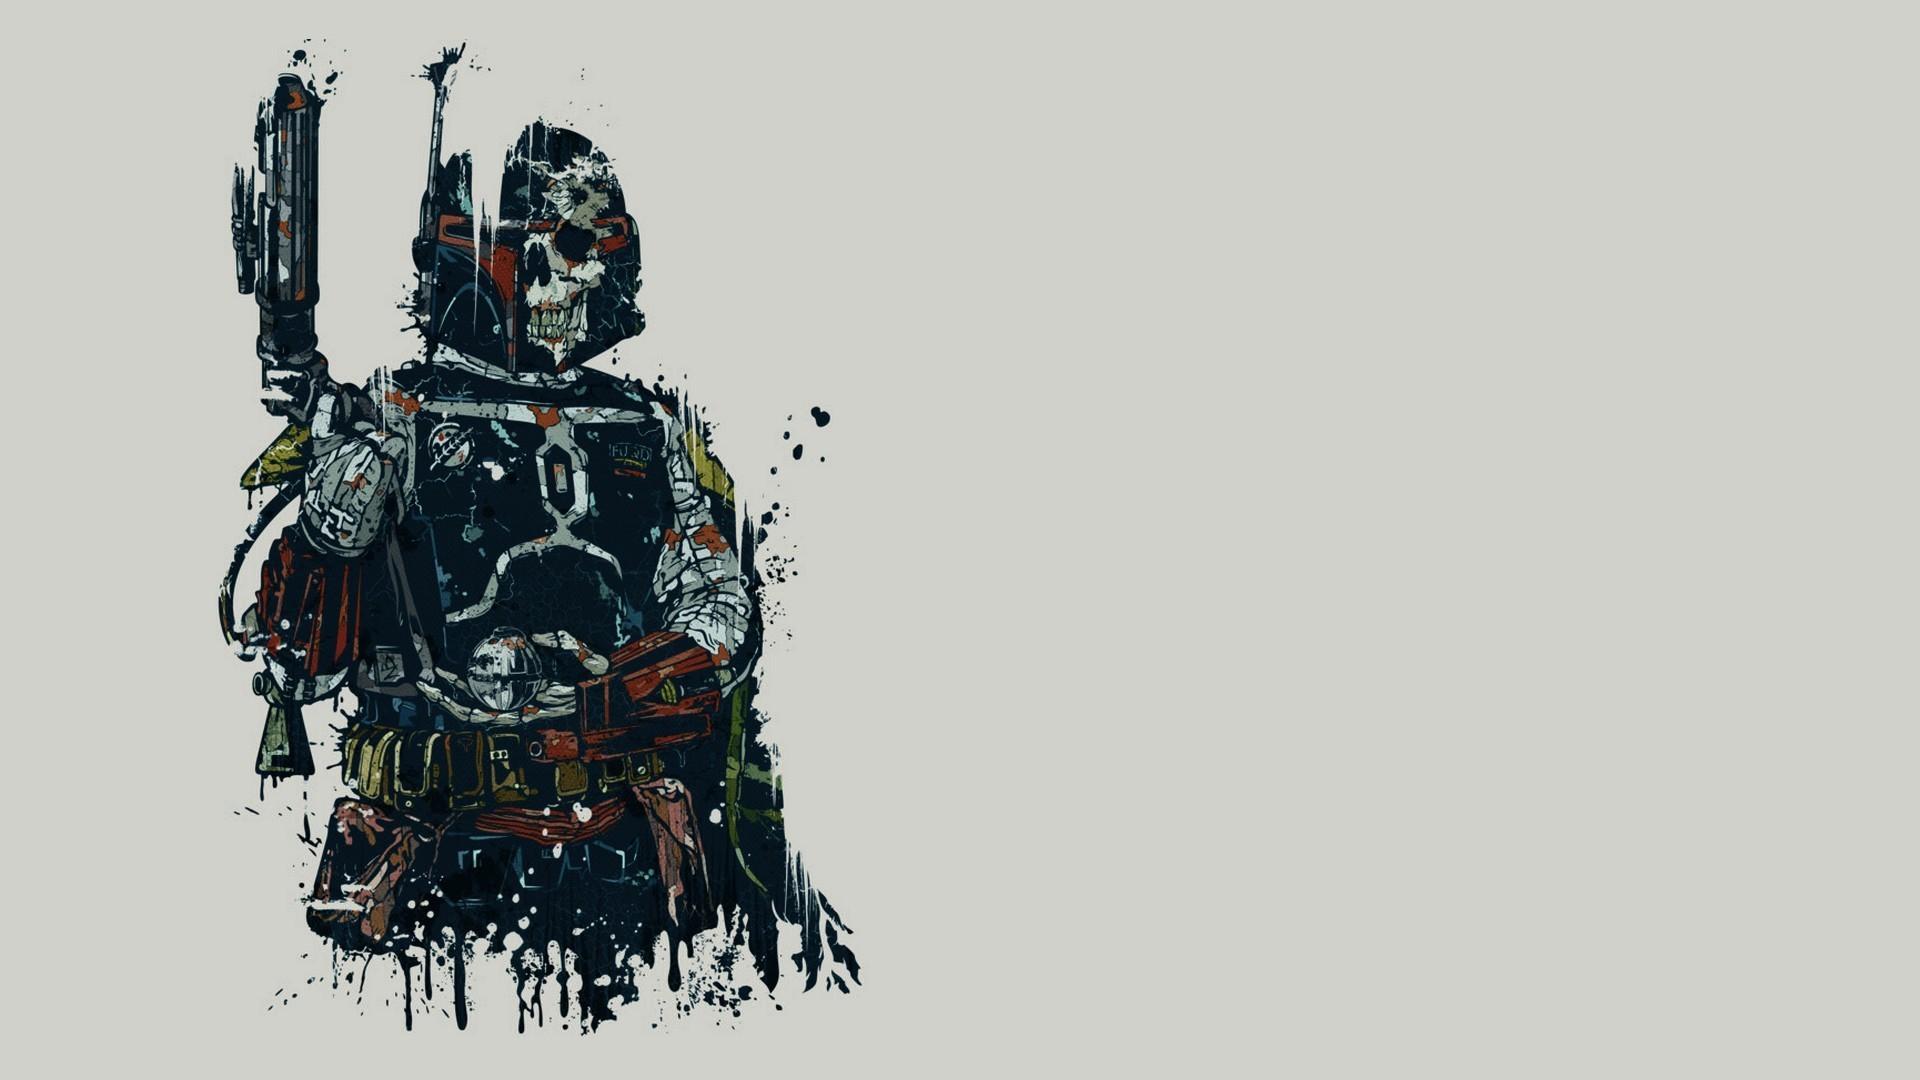 Darth Vader drawing wallpaper #17390